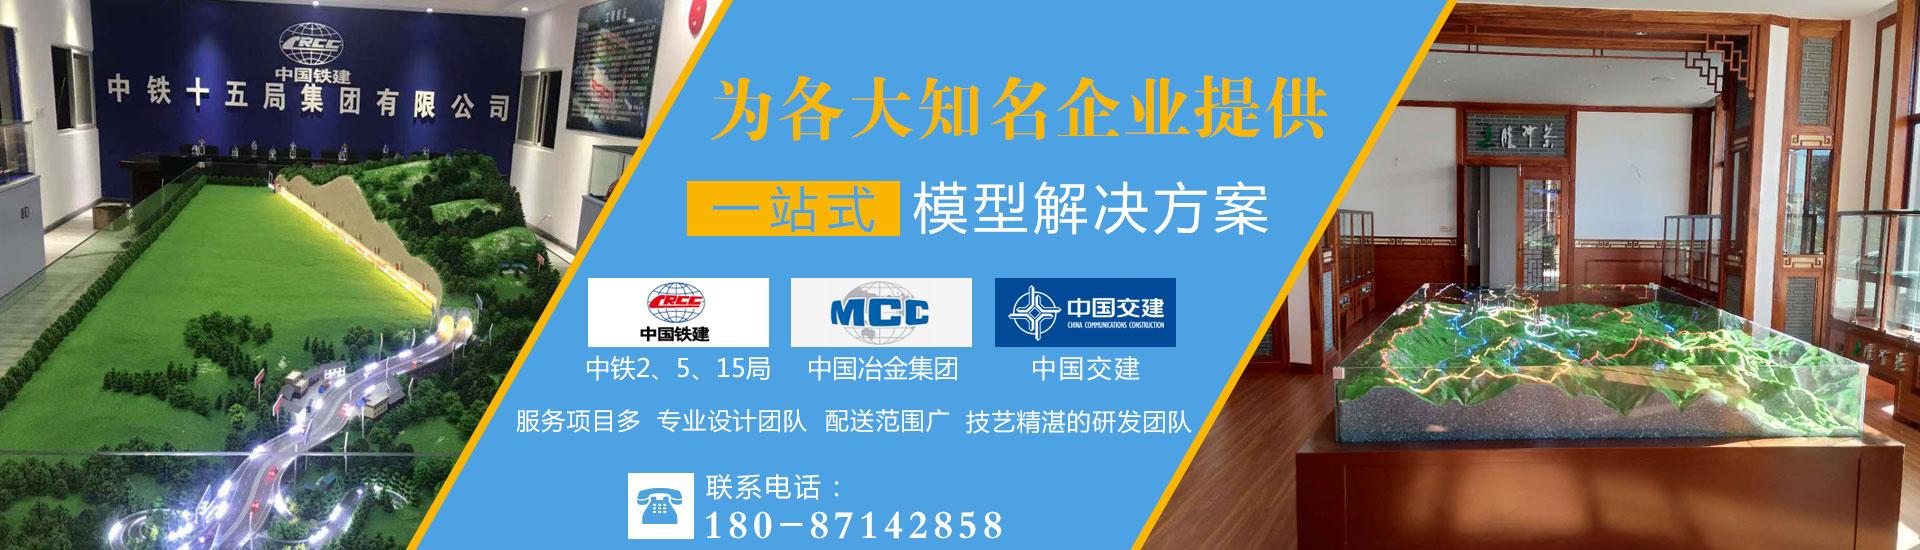 云南vwin德赢娱乐官方平台vwin手机app制作公司